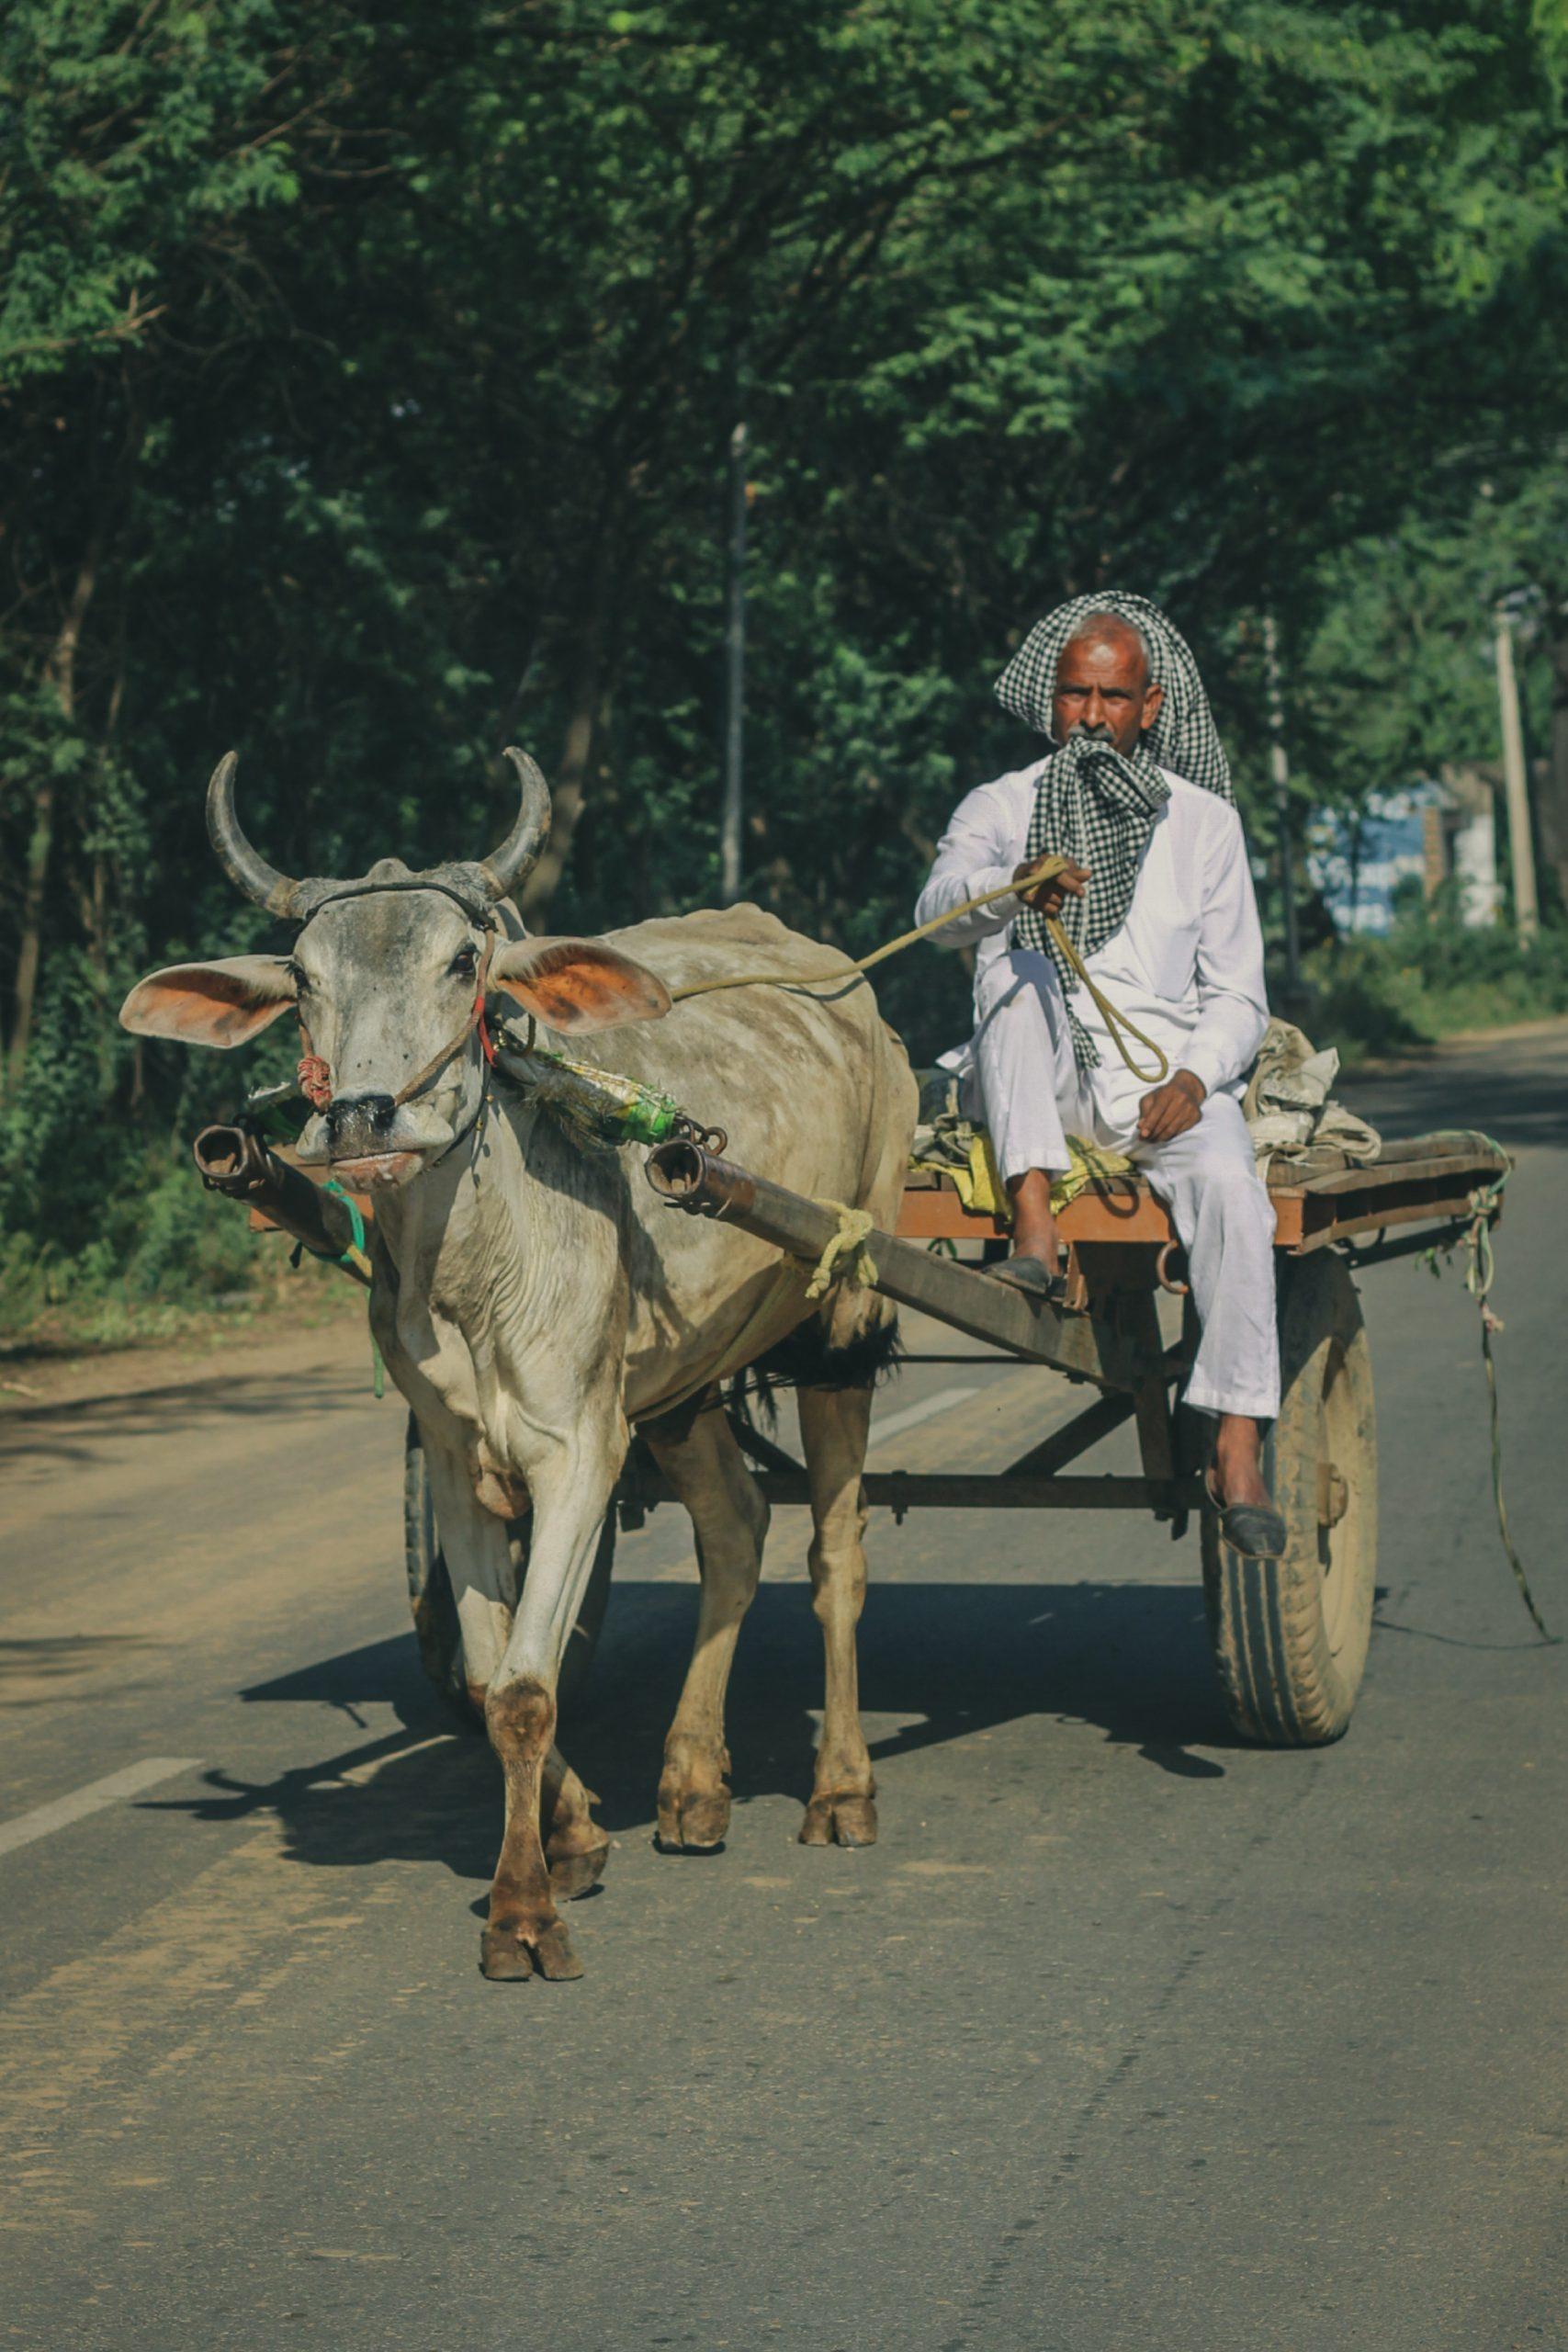 Man With Bullock Cart